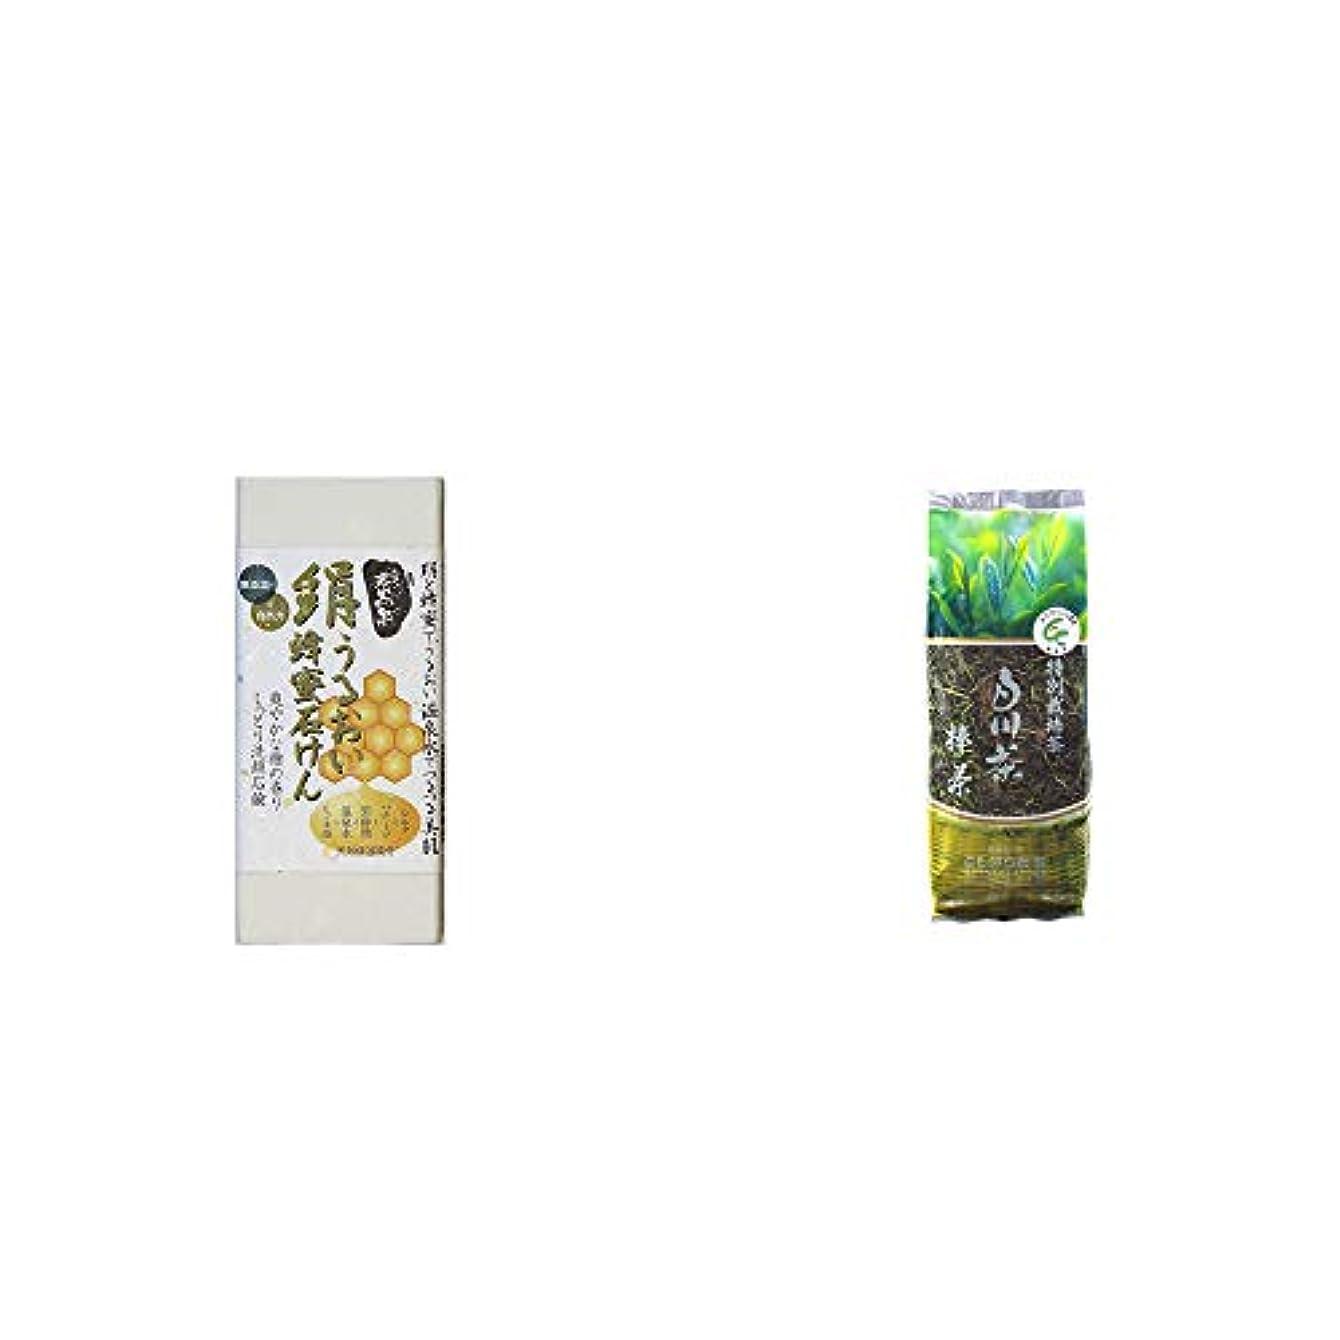 メンテナンス精通した胃[2点セット] ひのき炭黒泉 絹うるおい蜂蜜石けん(75g×2)?白川茶 特別栽培茶【棒茶】(150g)